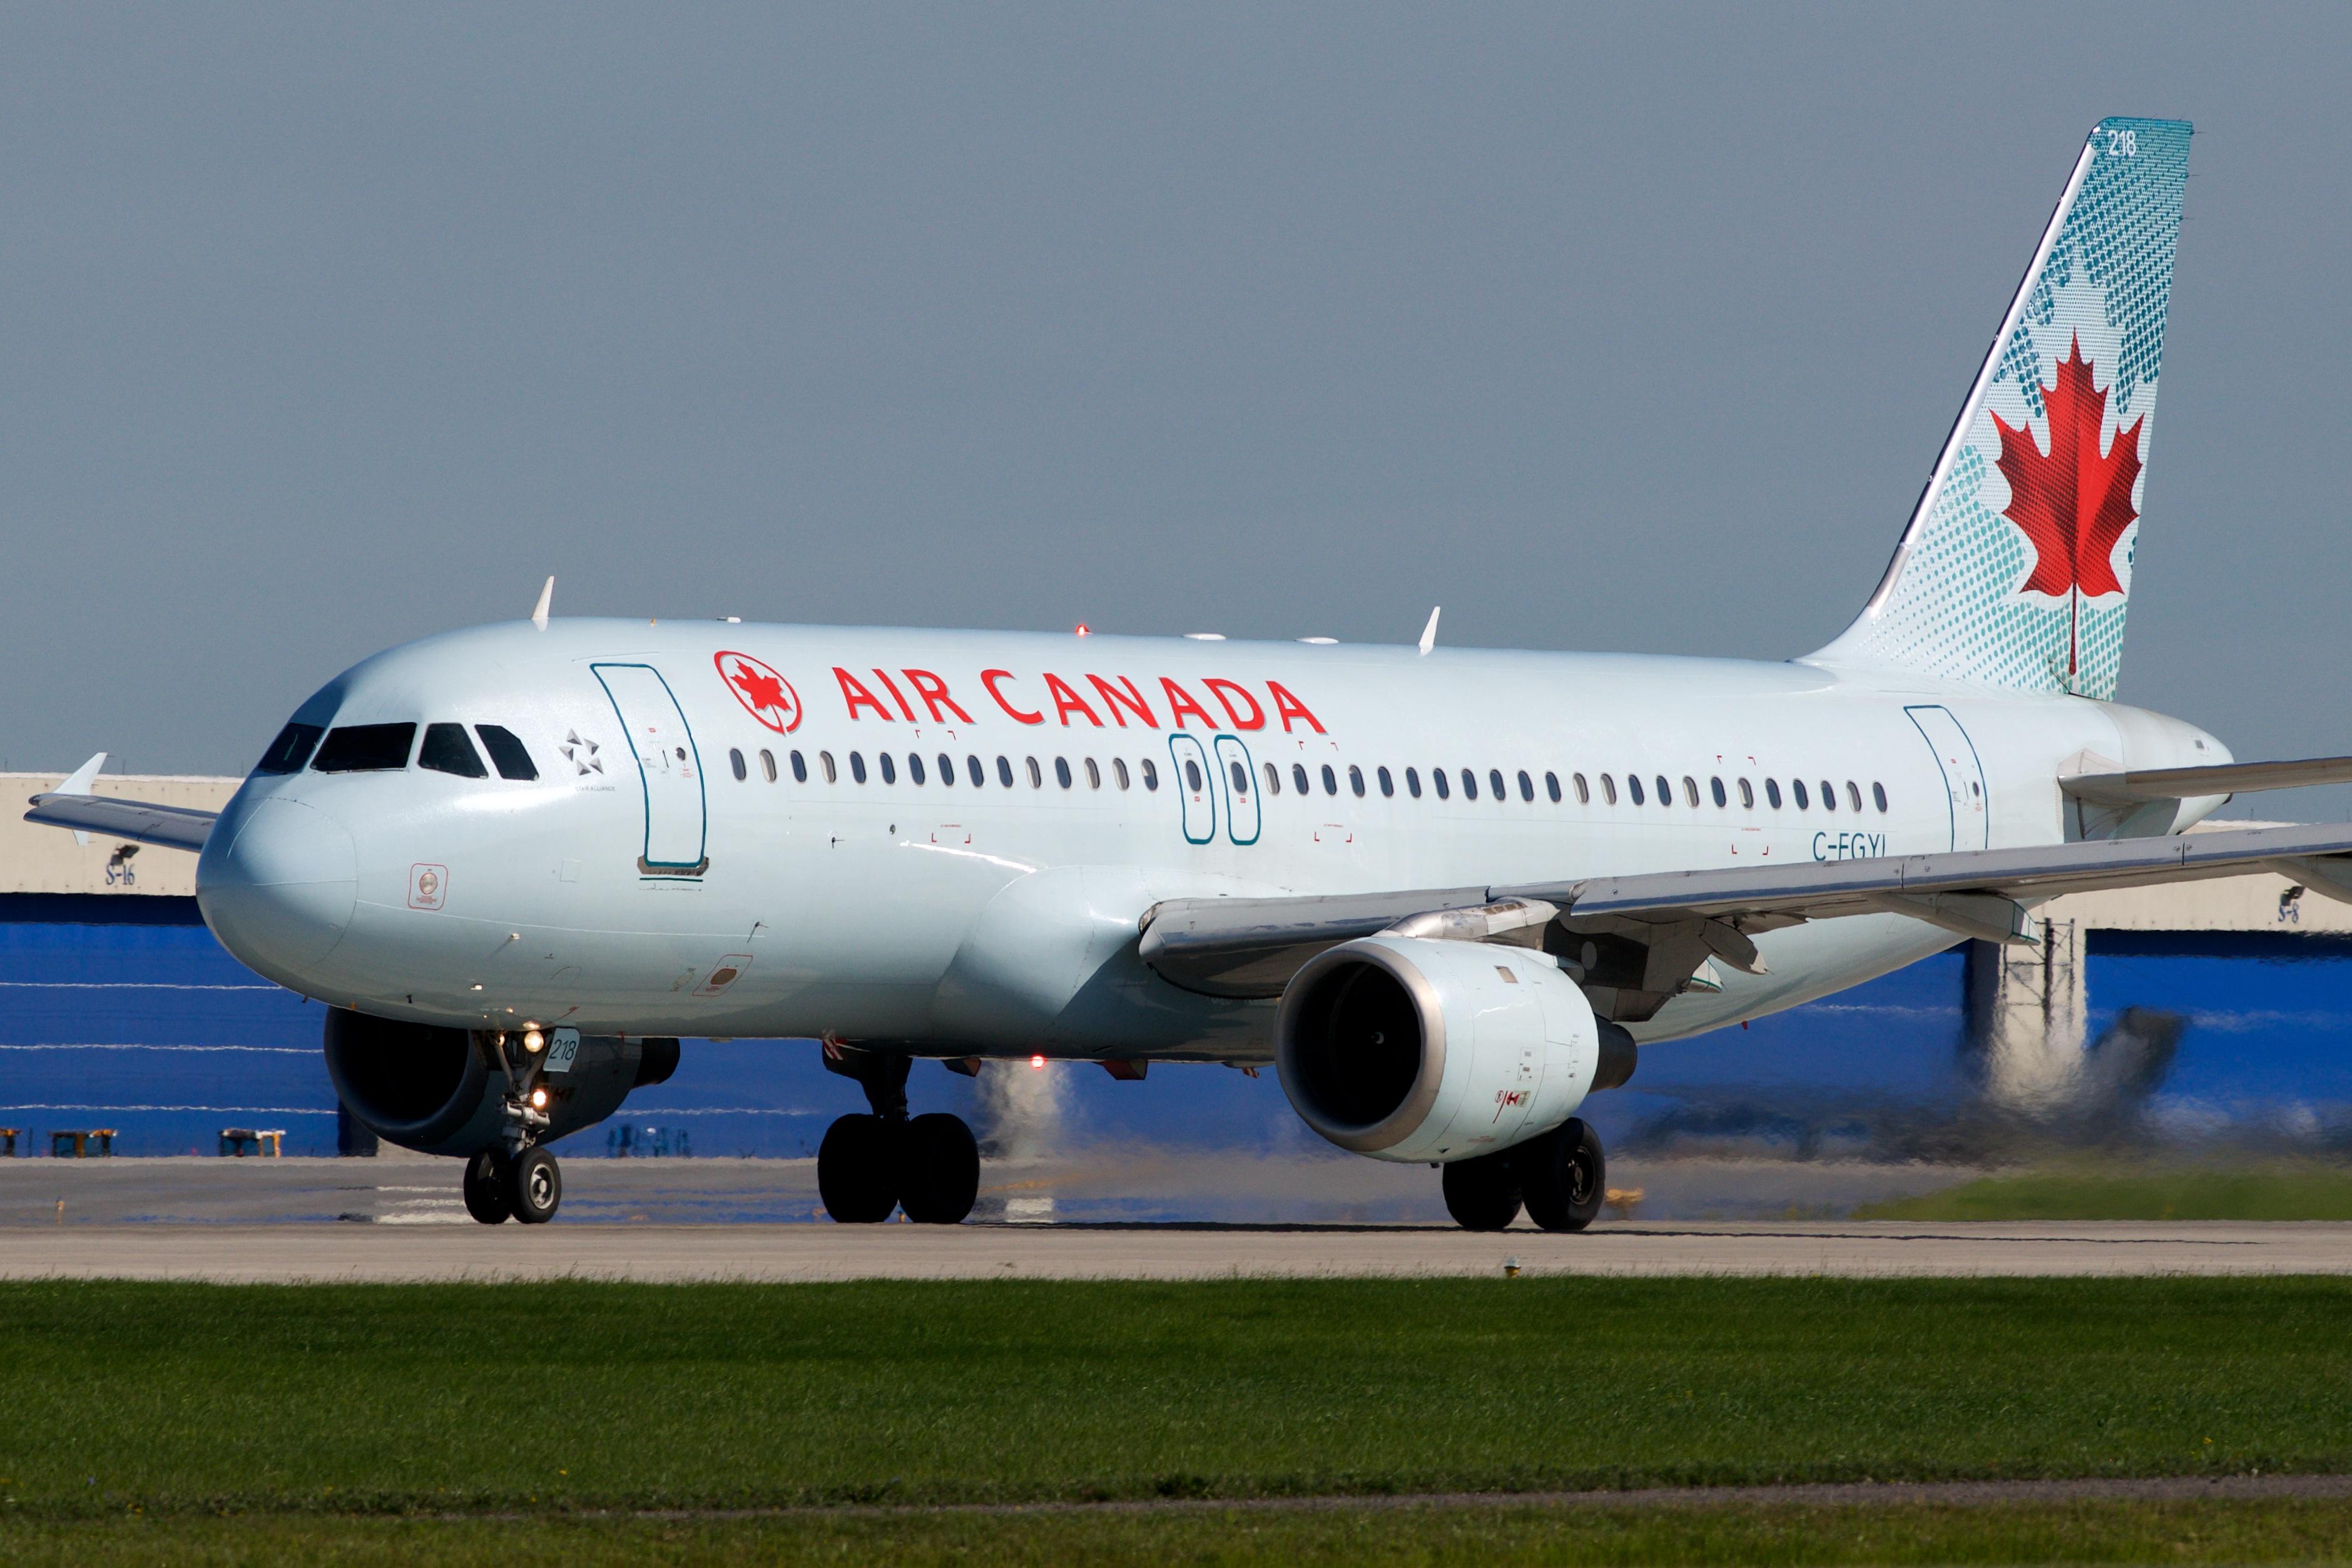 Elnézte a leszállópályát az Air Canada pilótája, majdnem négy várakozó utasszállítóba csapódott